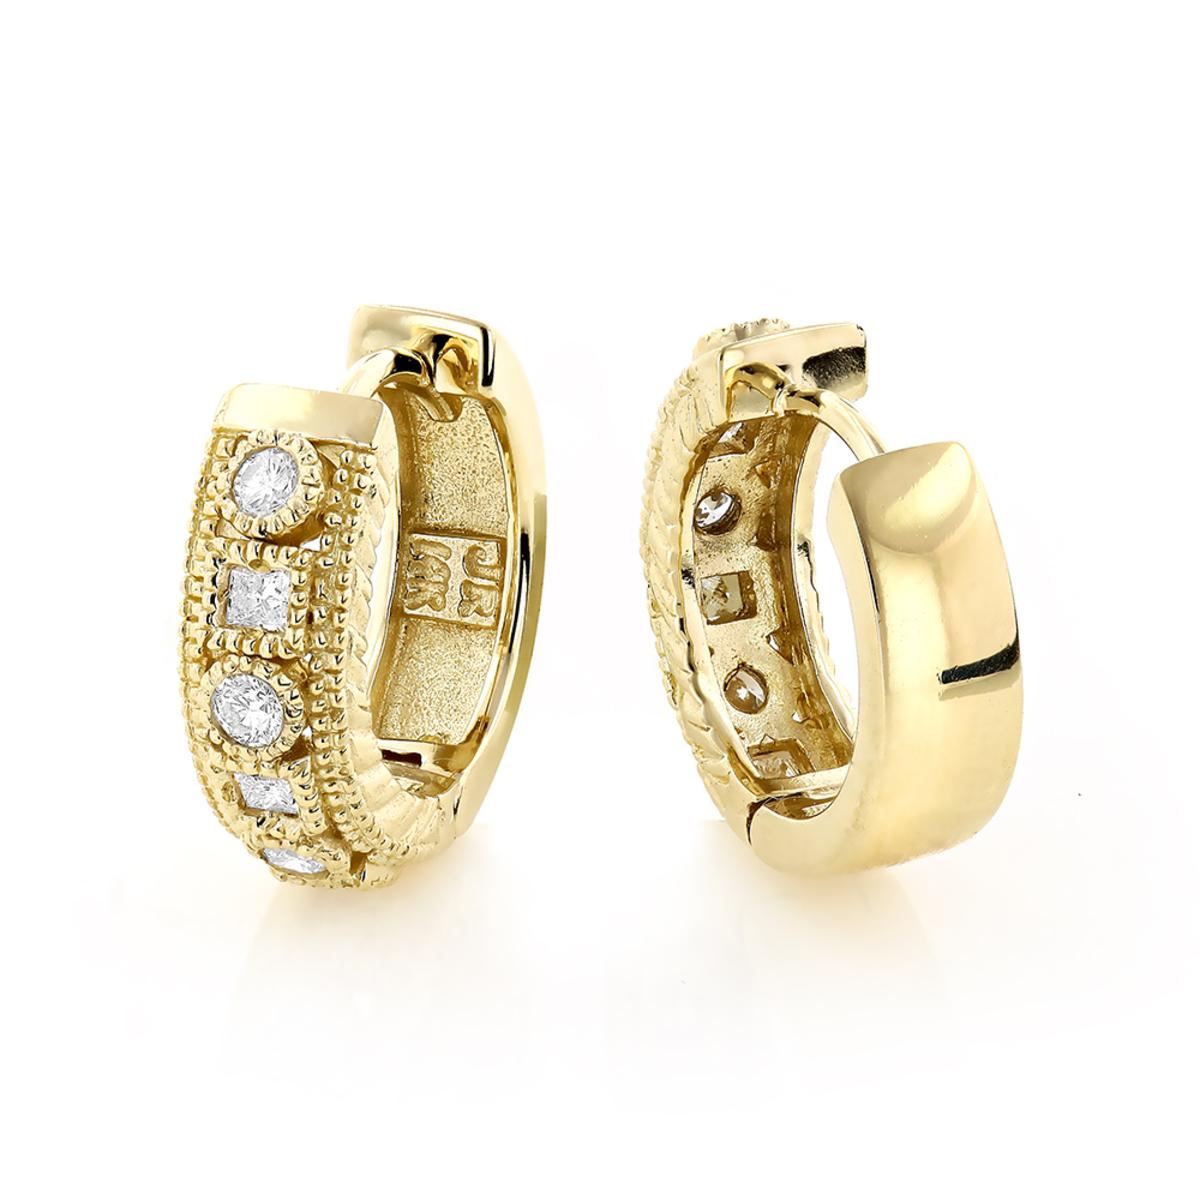 Small Diamond Hoop Earrings 1/2ct 14K Gold Huggies